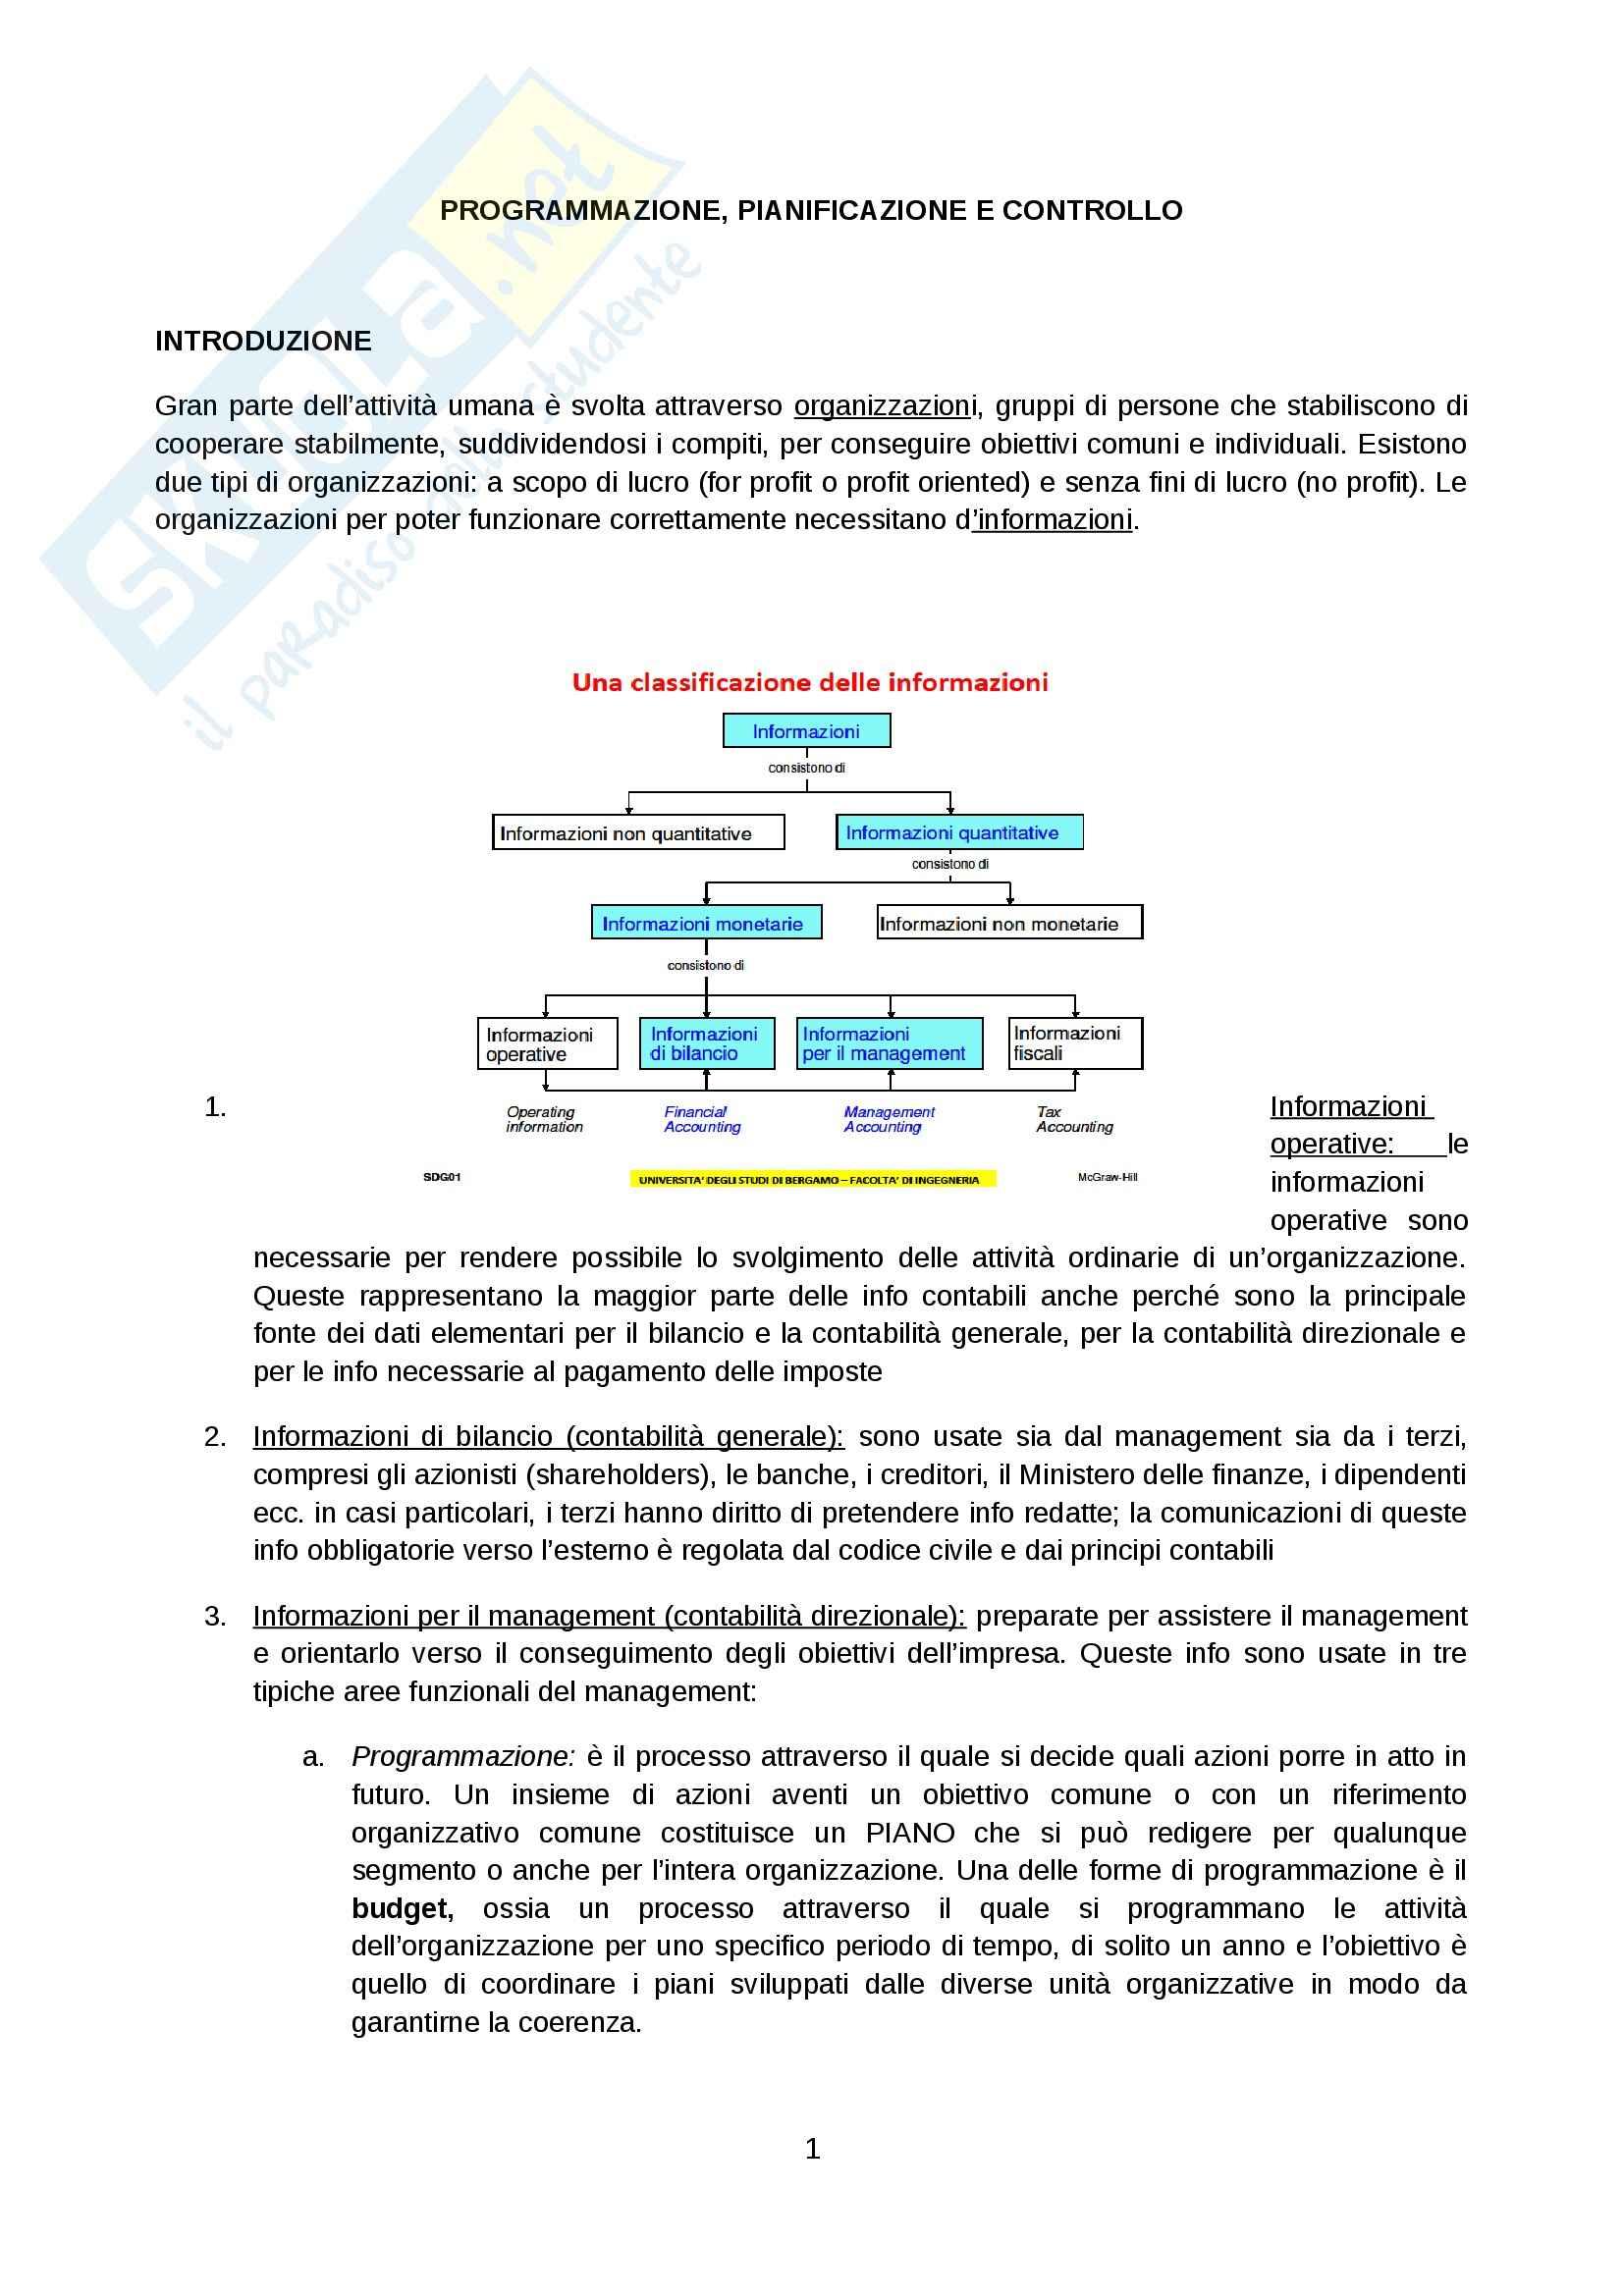 Riassunto esame Programmazione, pianificazione e controllo, prof. Spallini